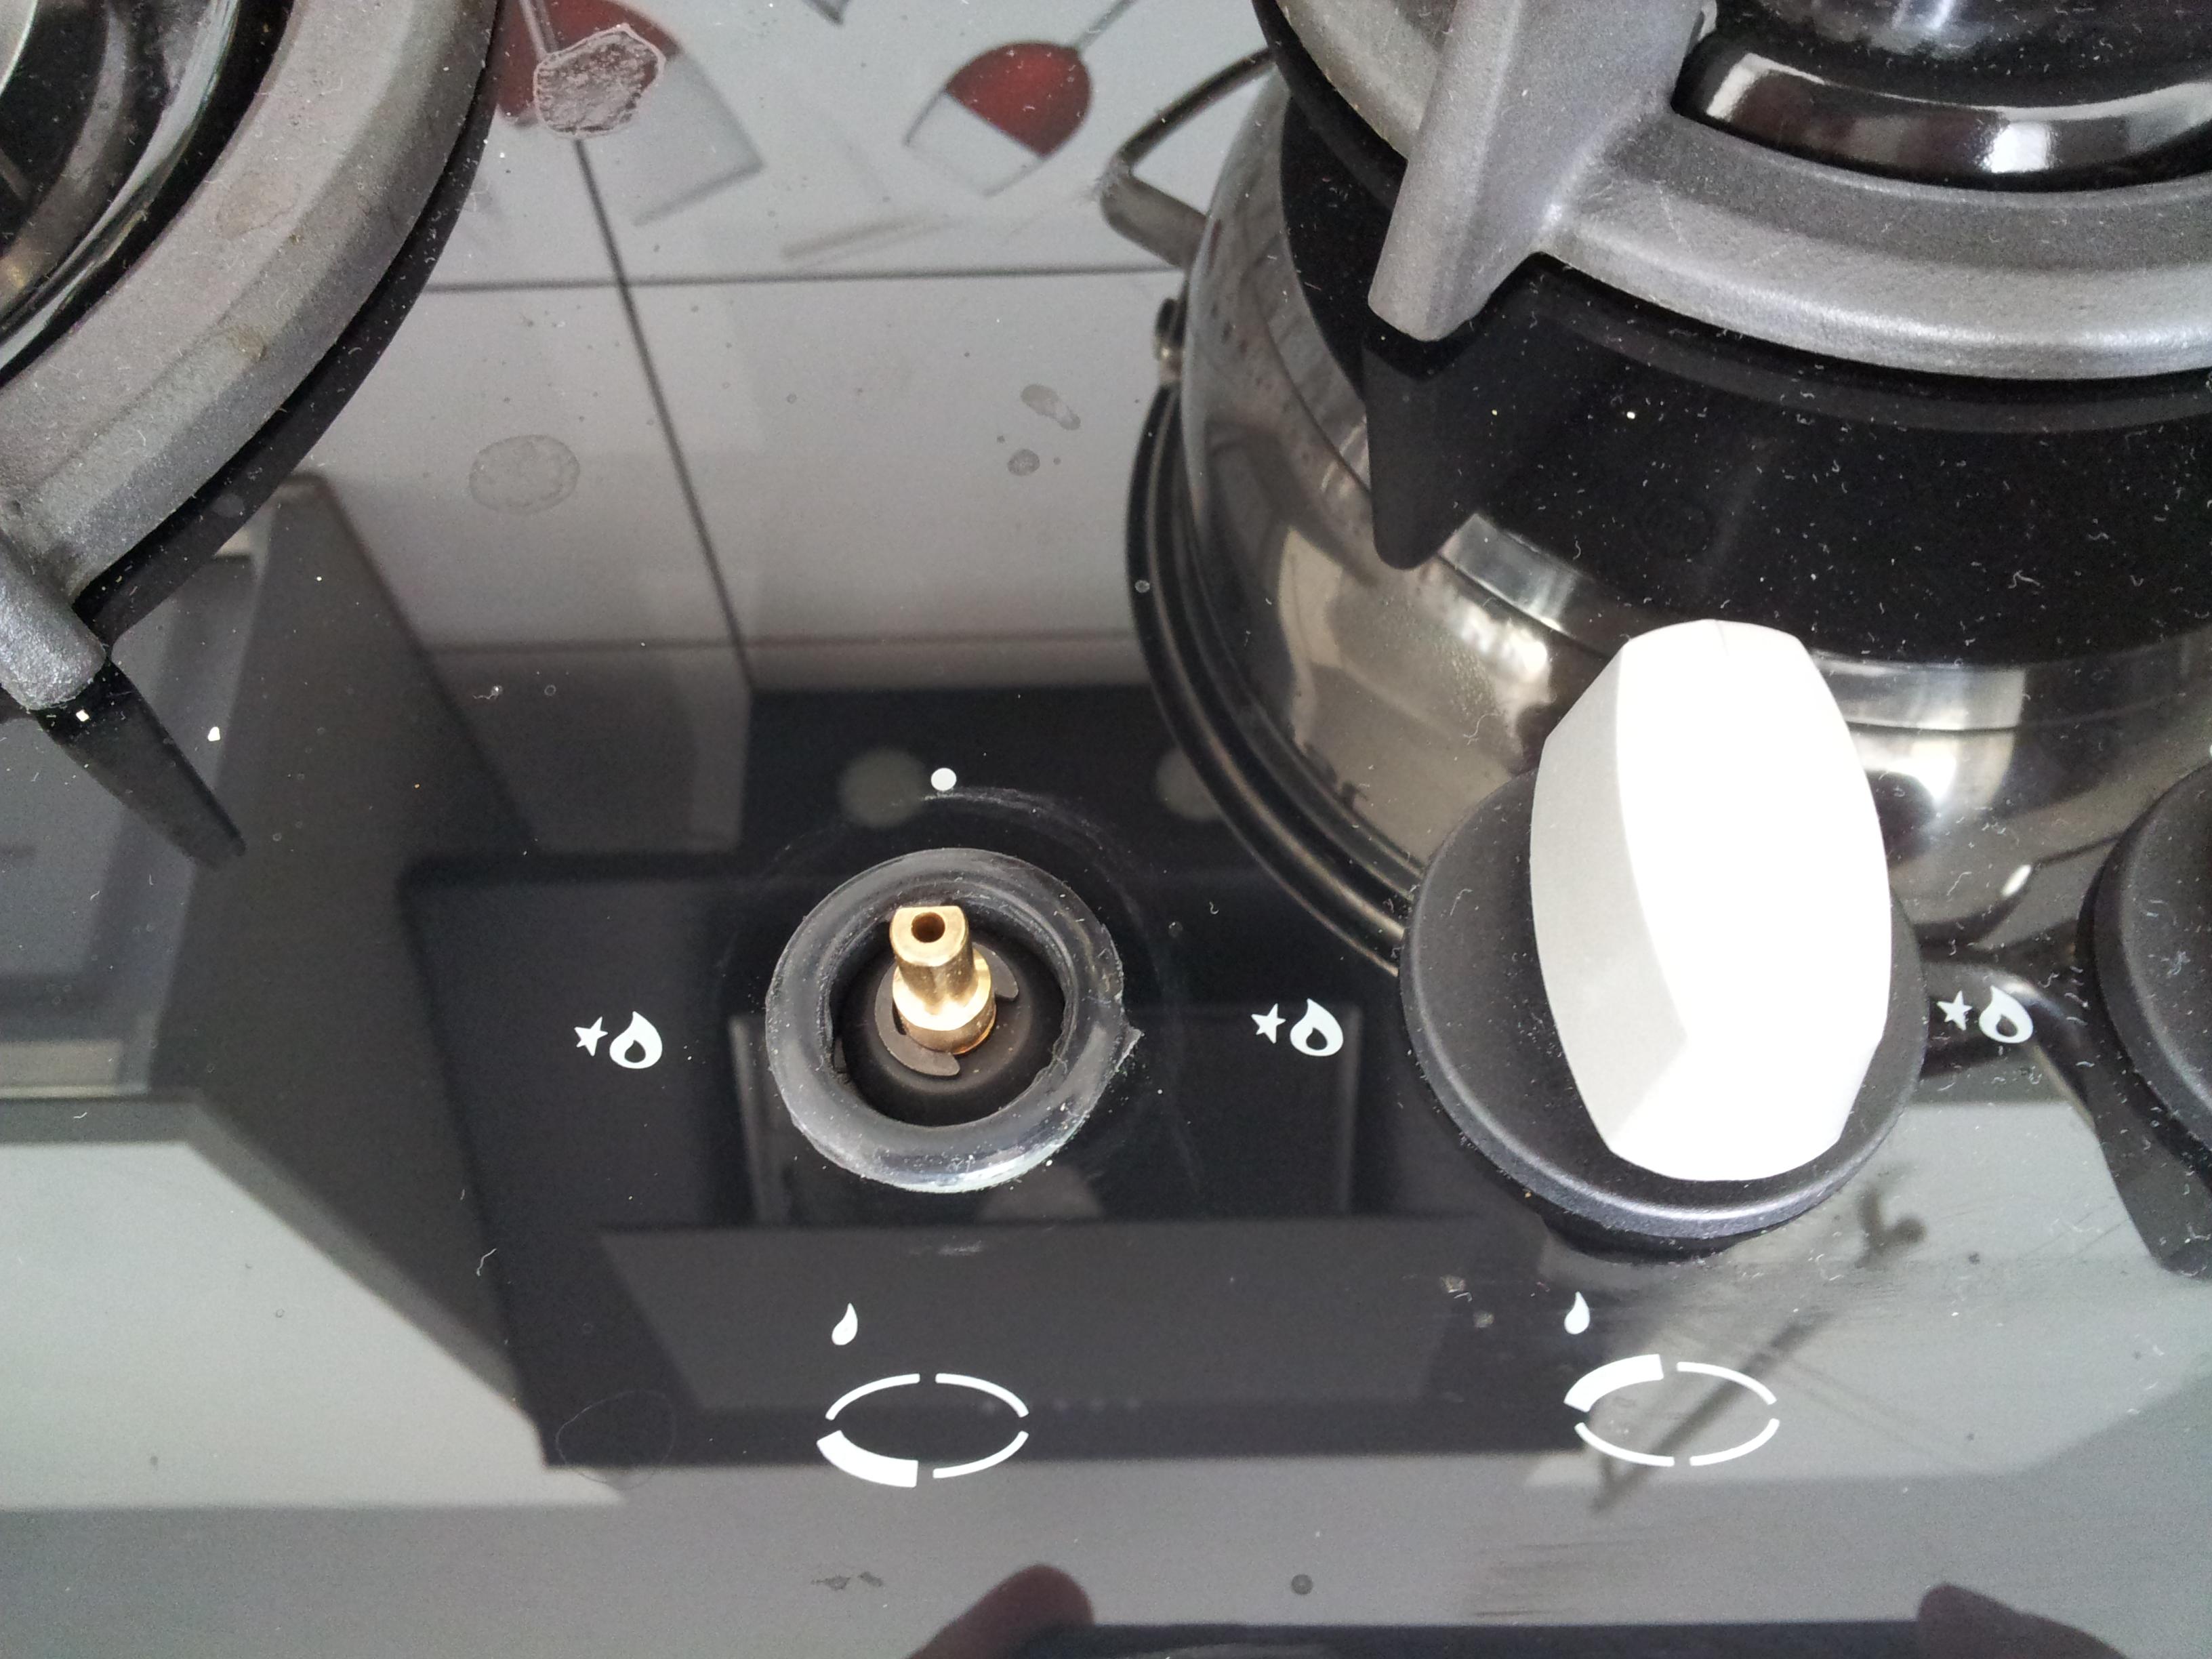 Amica PGCZ6411  Zbyt duzy płomień przy minimalnym ustawieniu pokretła -> Kuchnia Gazowa Amica Regulacja Plomienia